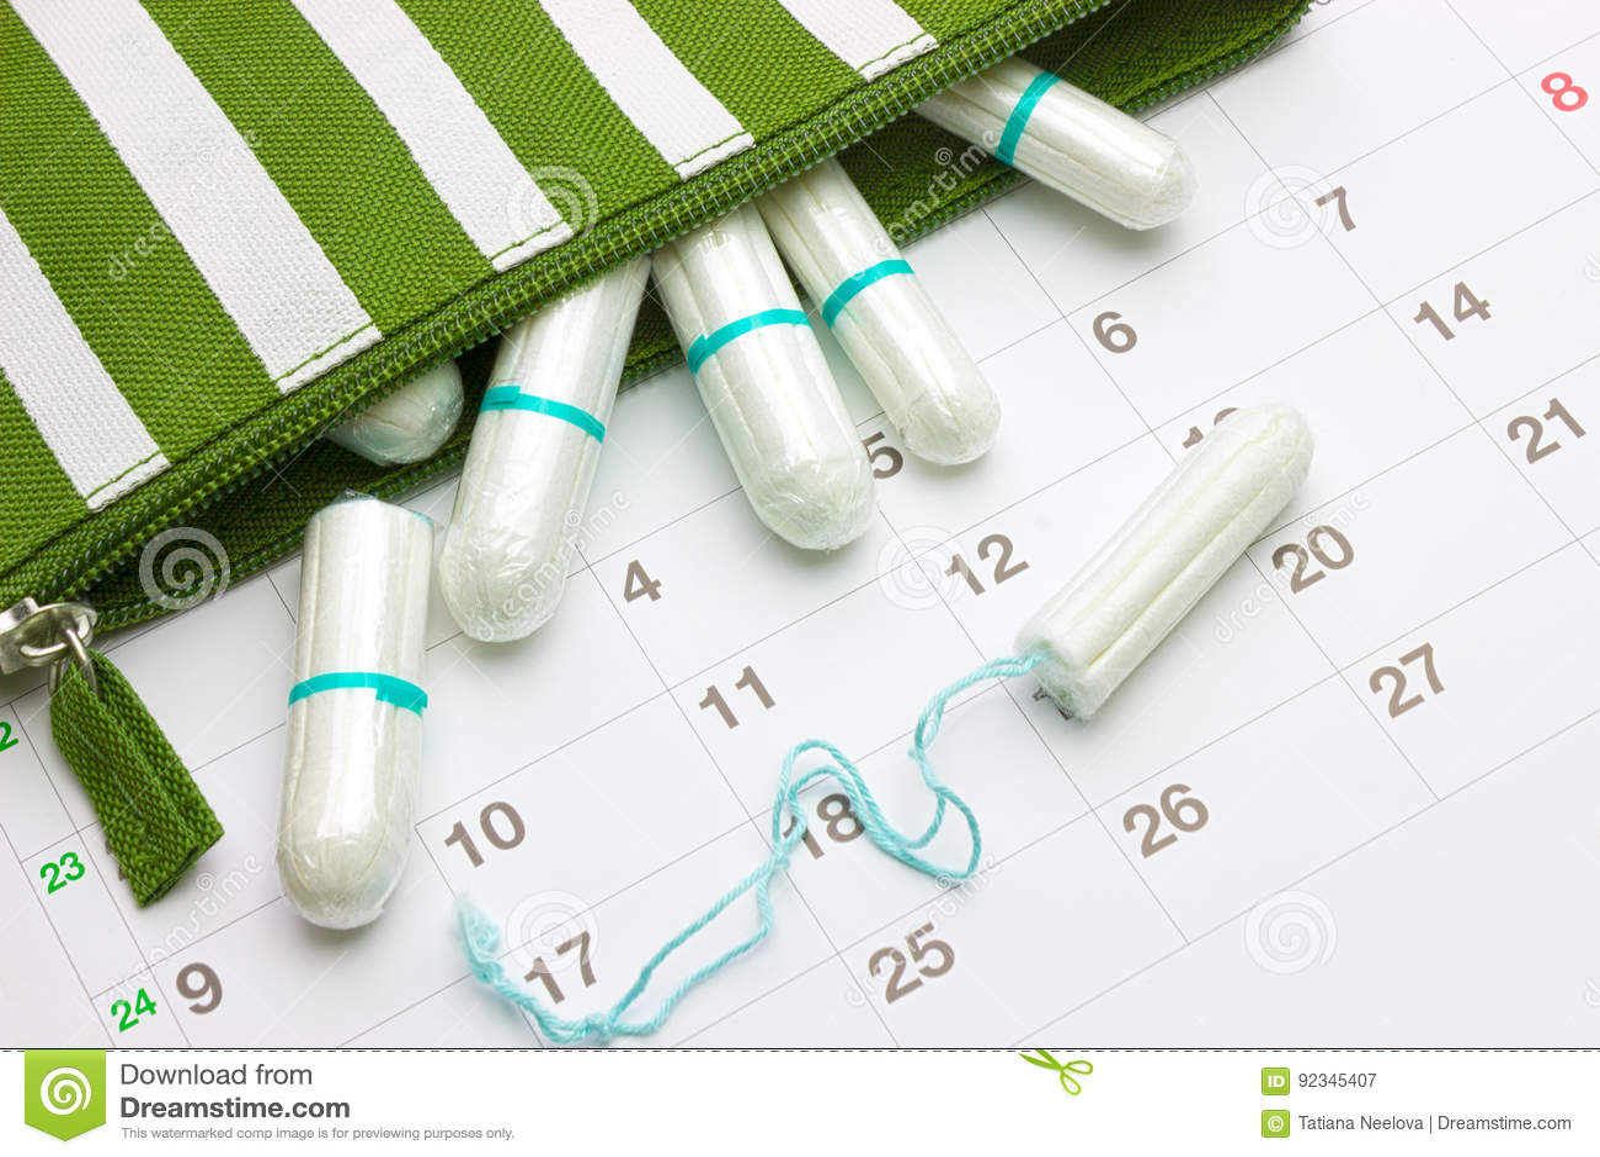 Calendario Del Ciclo Mestruale.Calendario E Tamponi Molli Sanitari Del Cotone Di